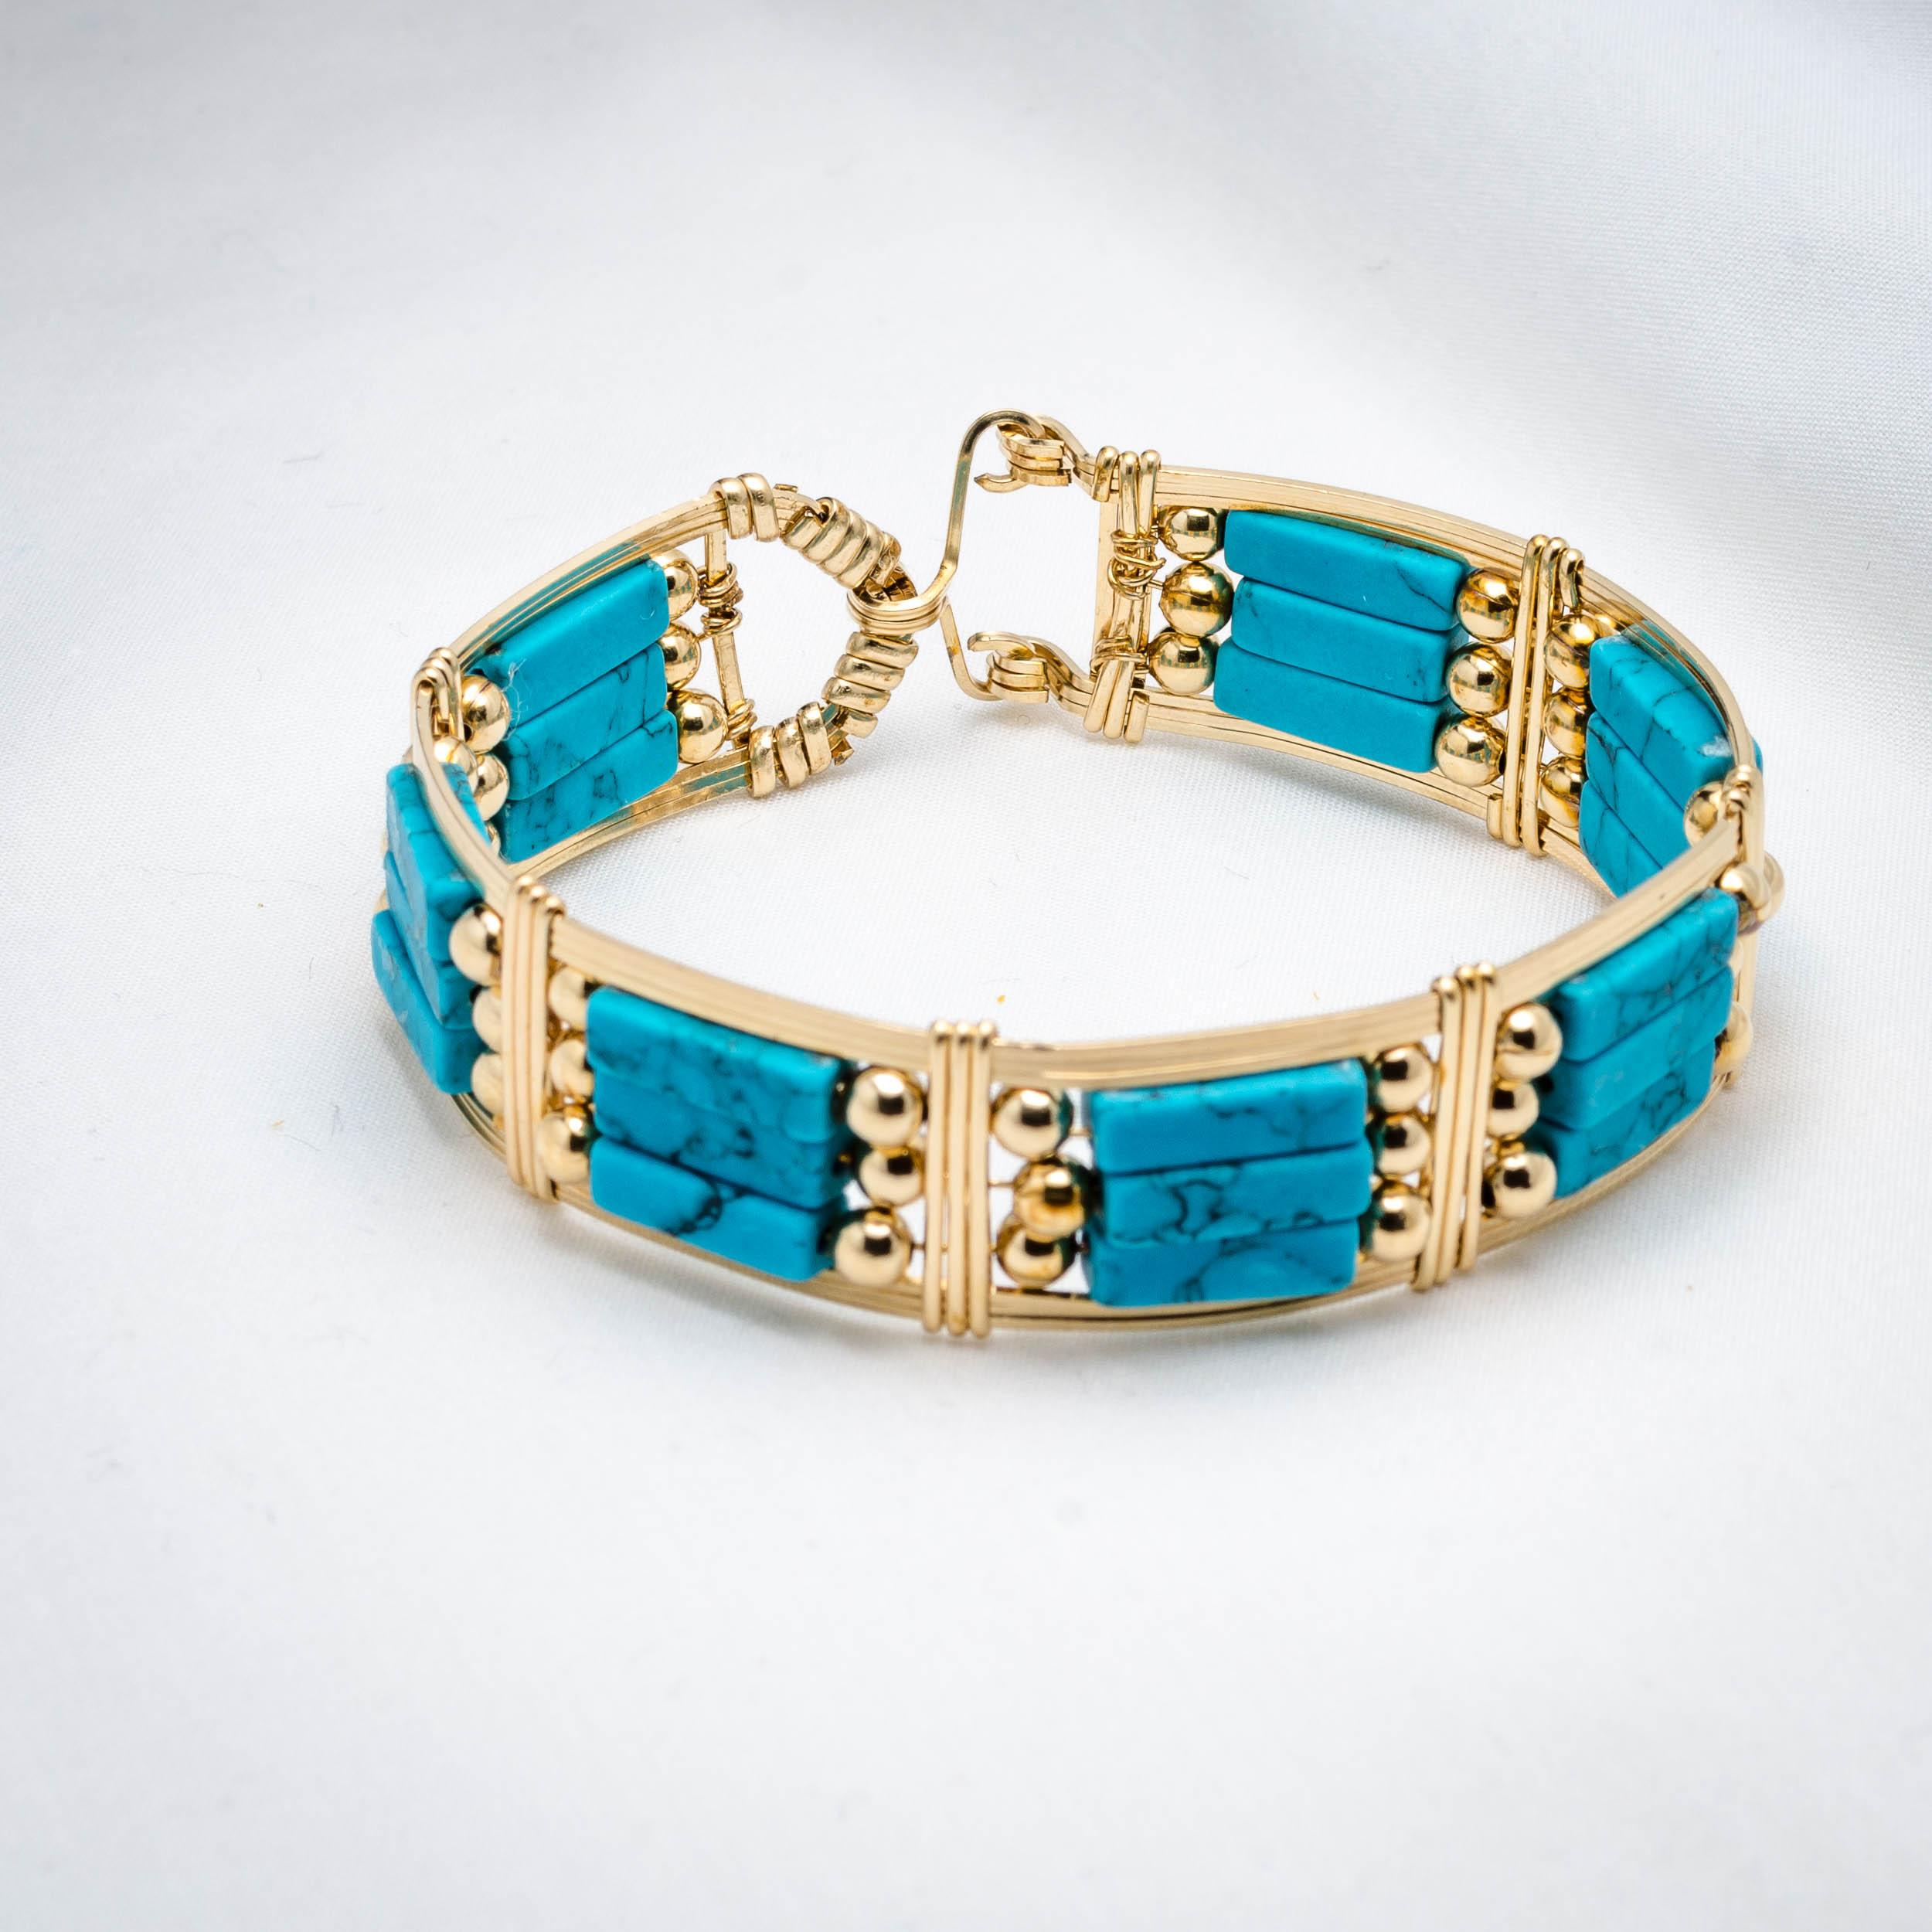 Bracelet_116.JPG